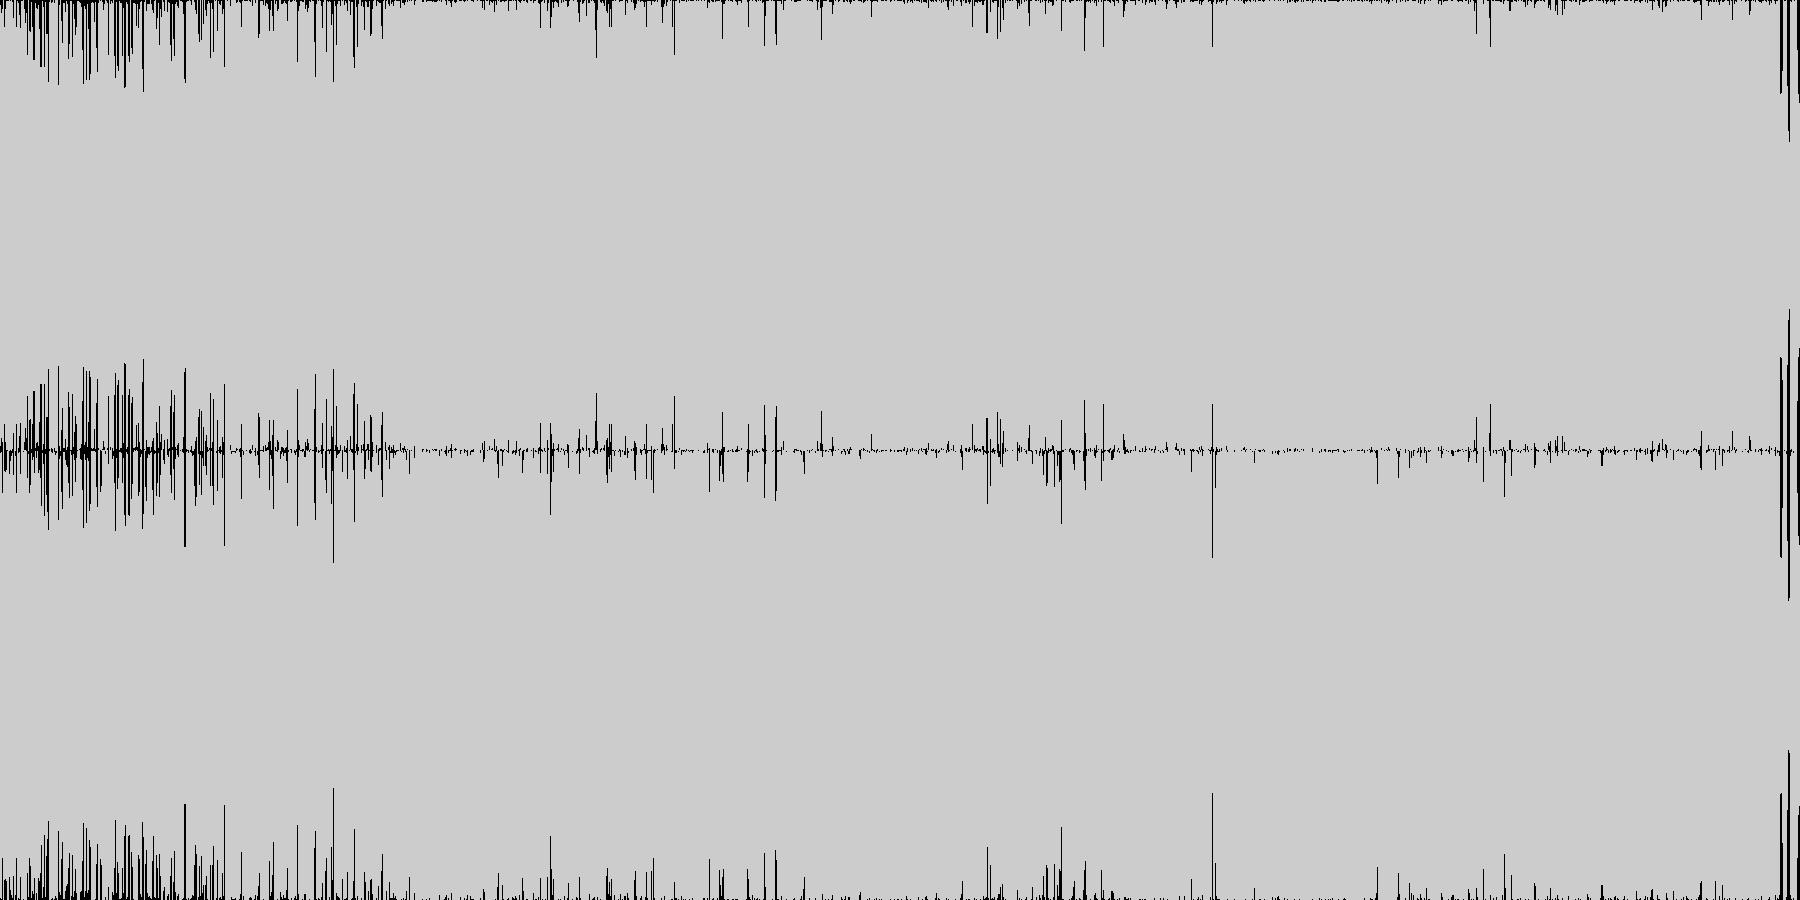 疾走感のあるハッピー・トランス・ループ◯の未再生の波形